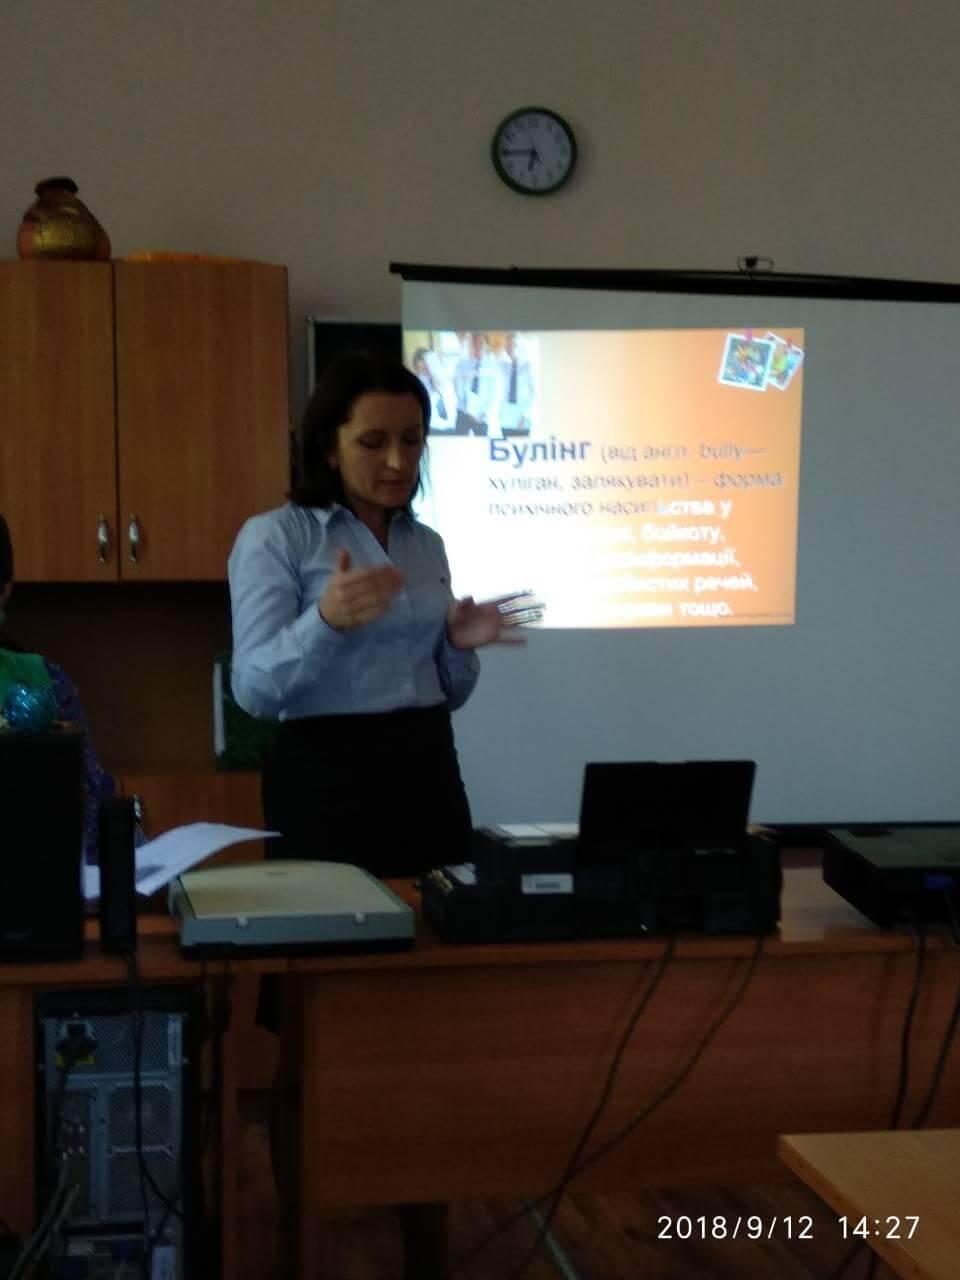 2 1 - Булінг як соціально-педагогічна проблема та шляхи її вирішення